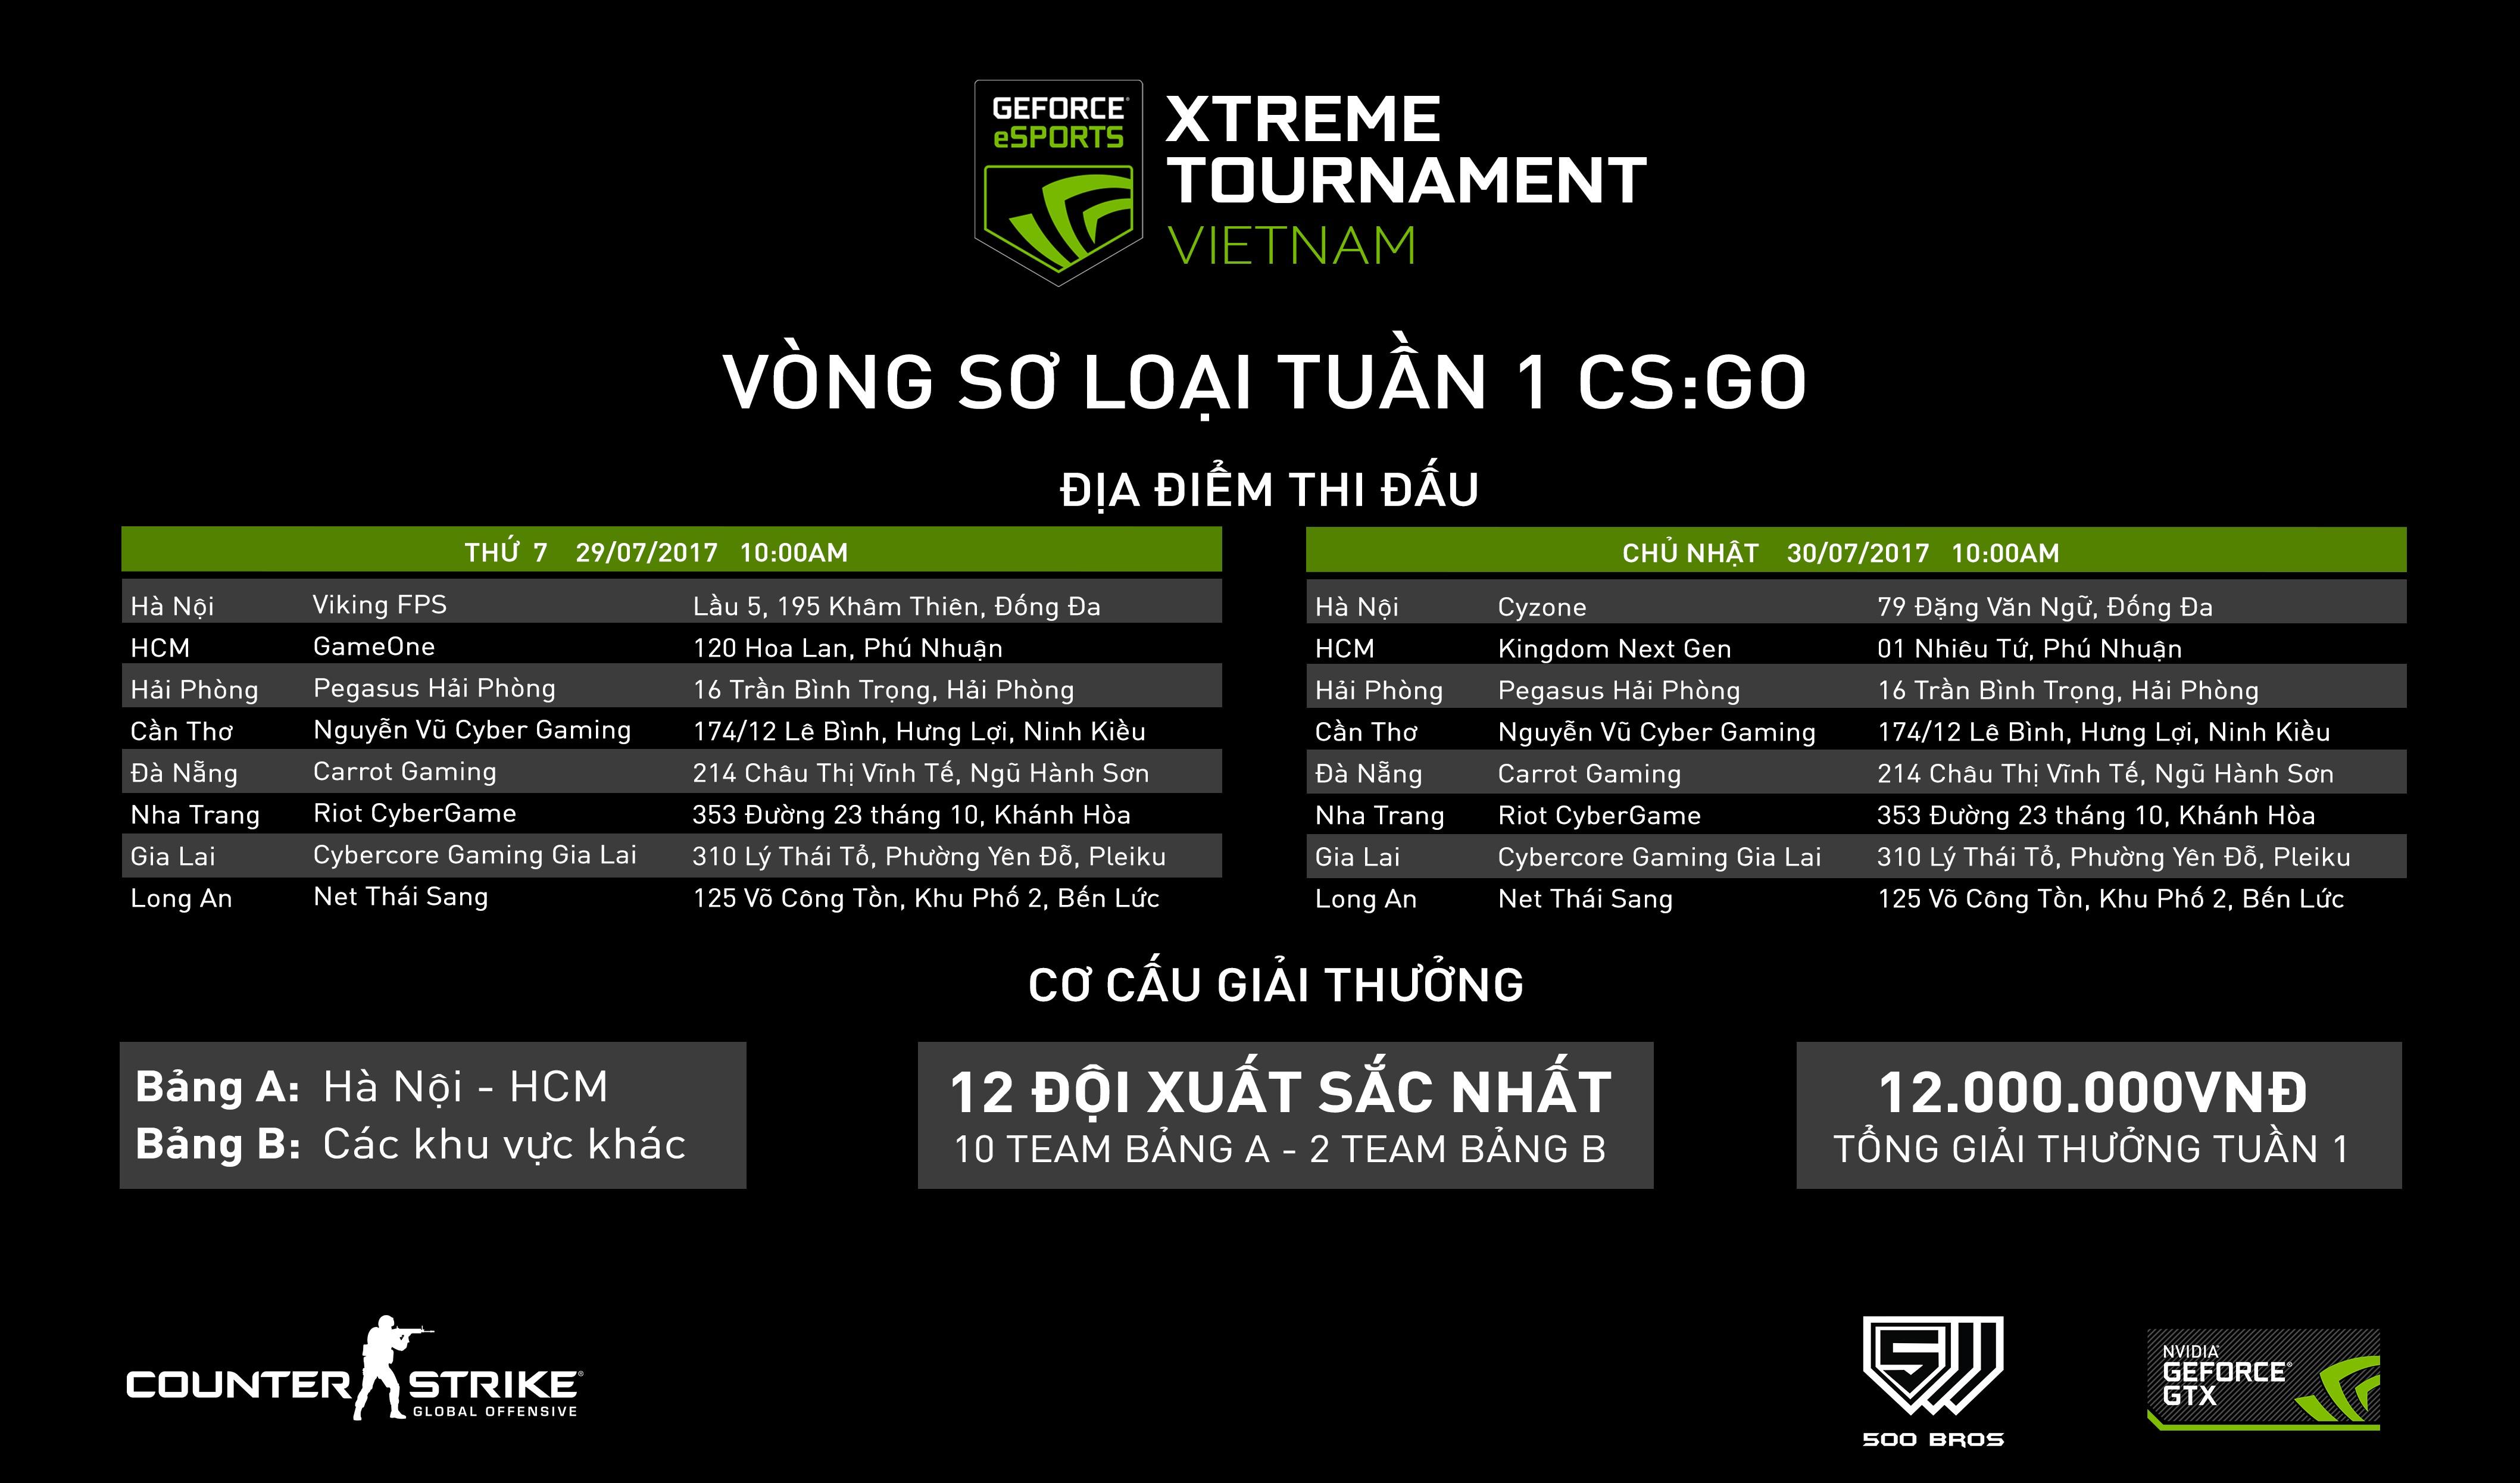 Địa điểm thi đấu của bộ môn CS:GO trong 2 ngày 29 – 30/7/2017